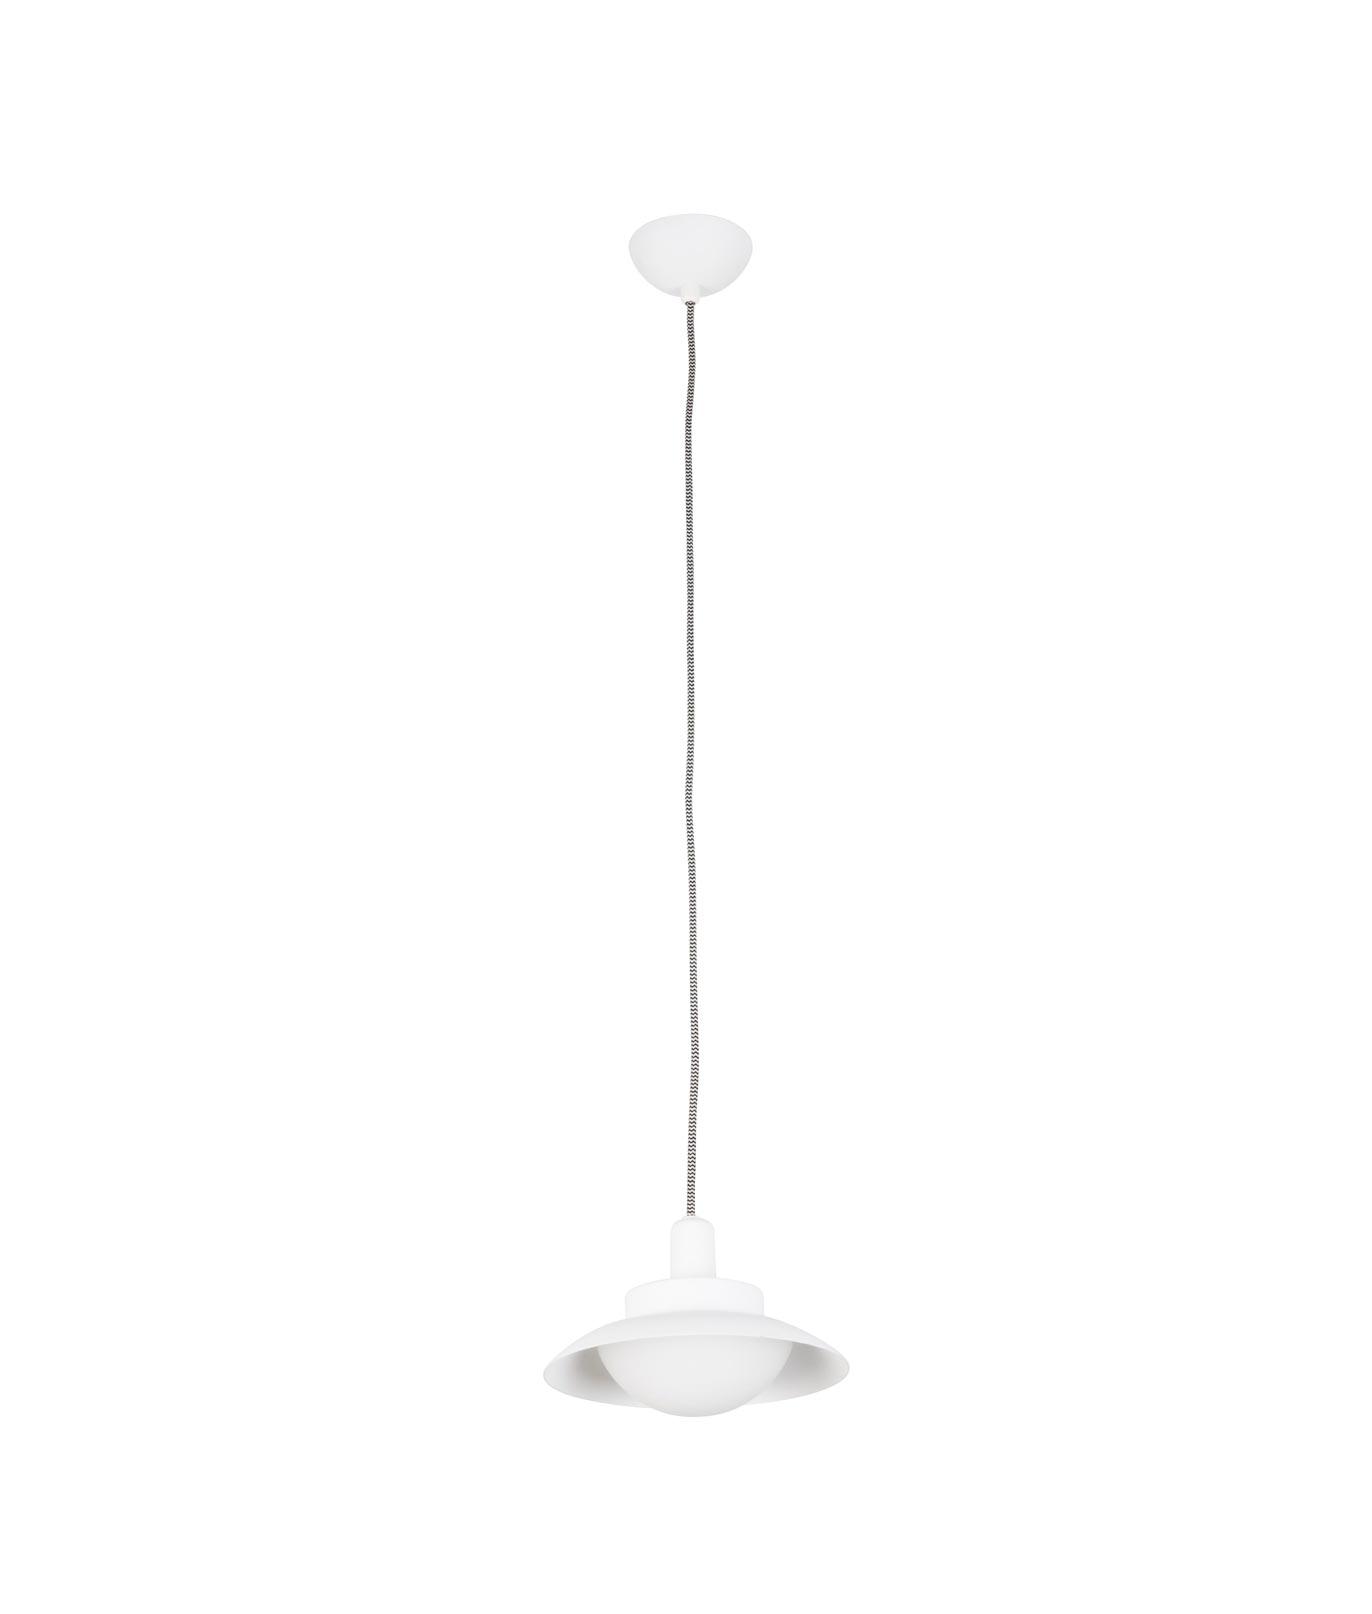 Lámpara blanca para el techo SIDE LED